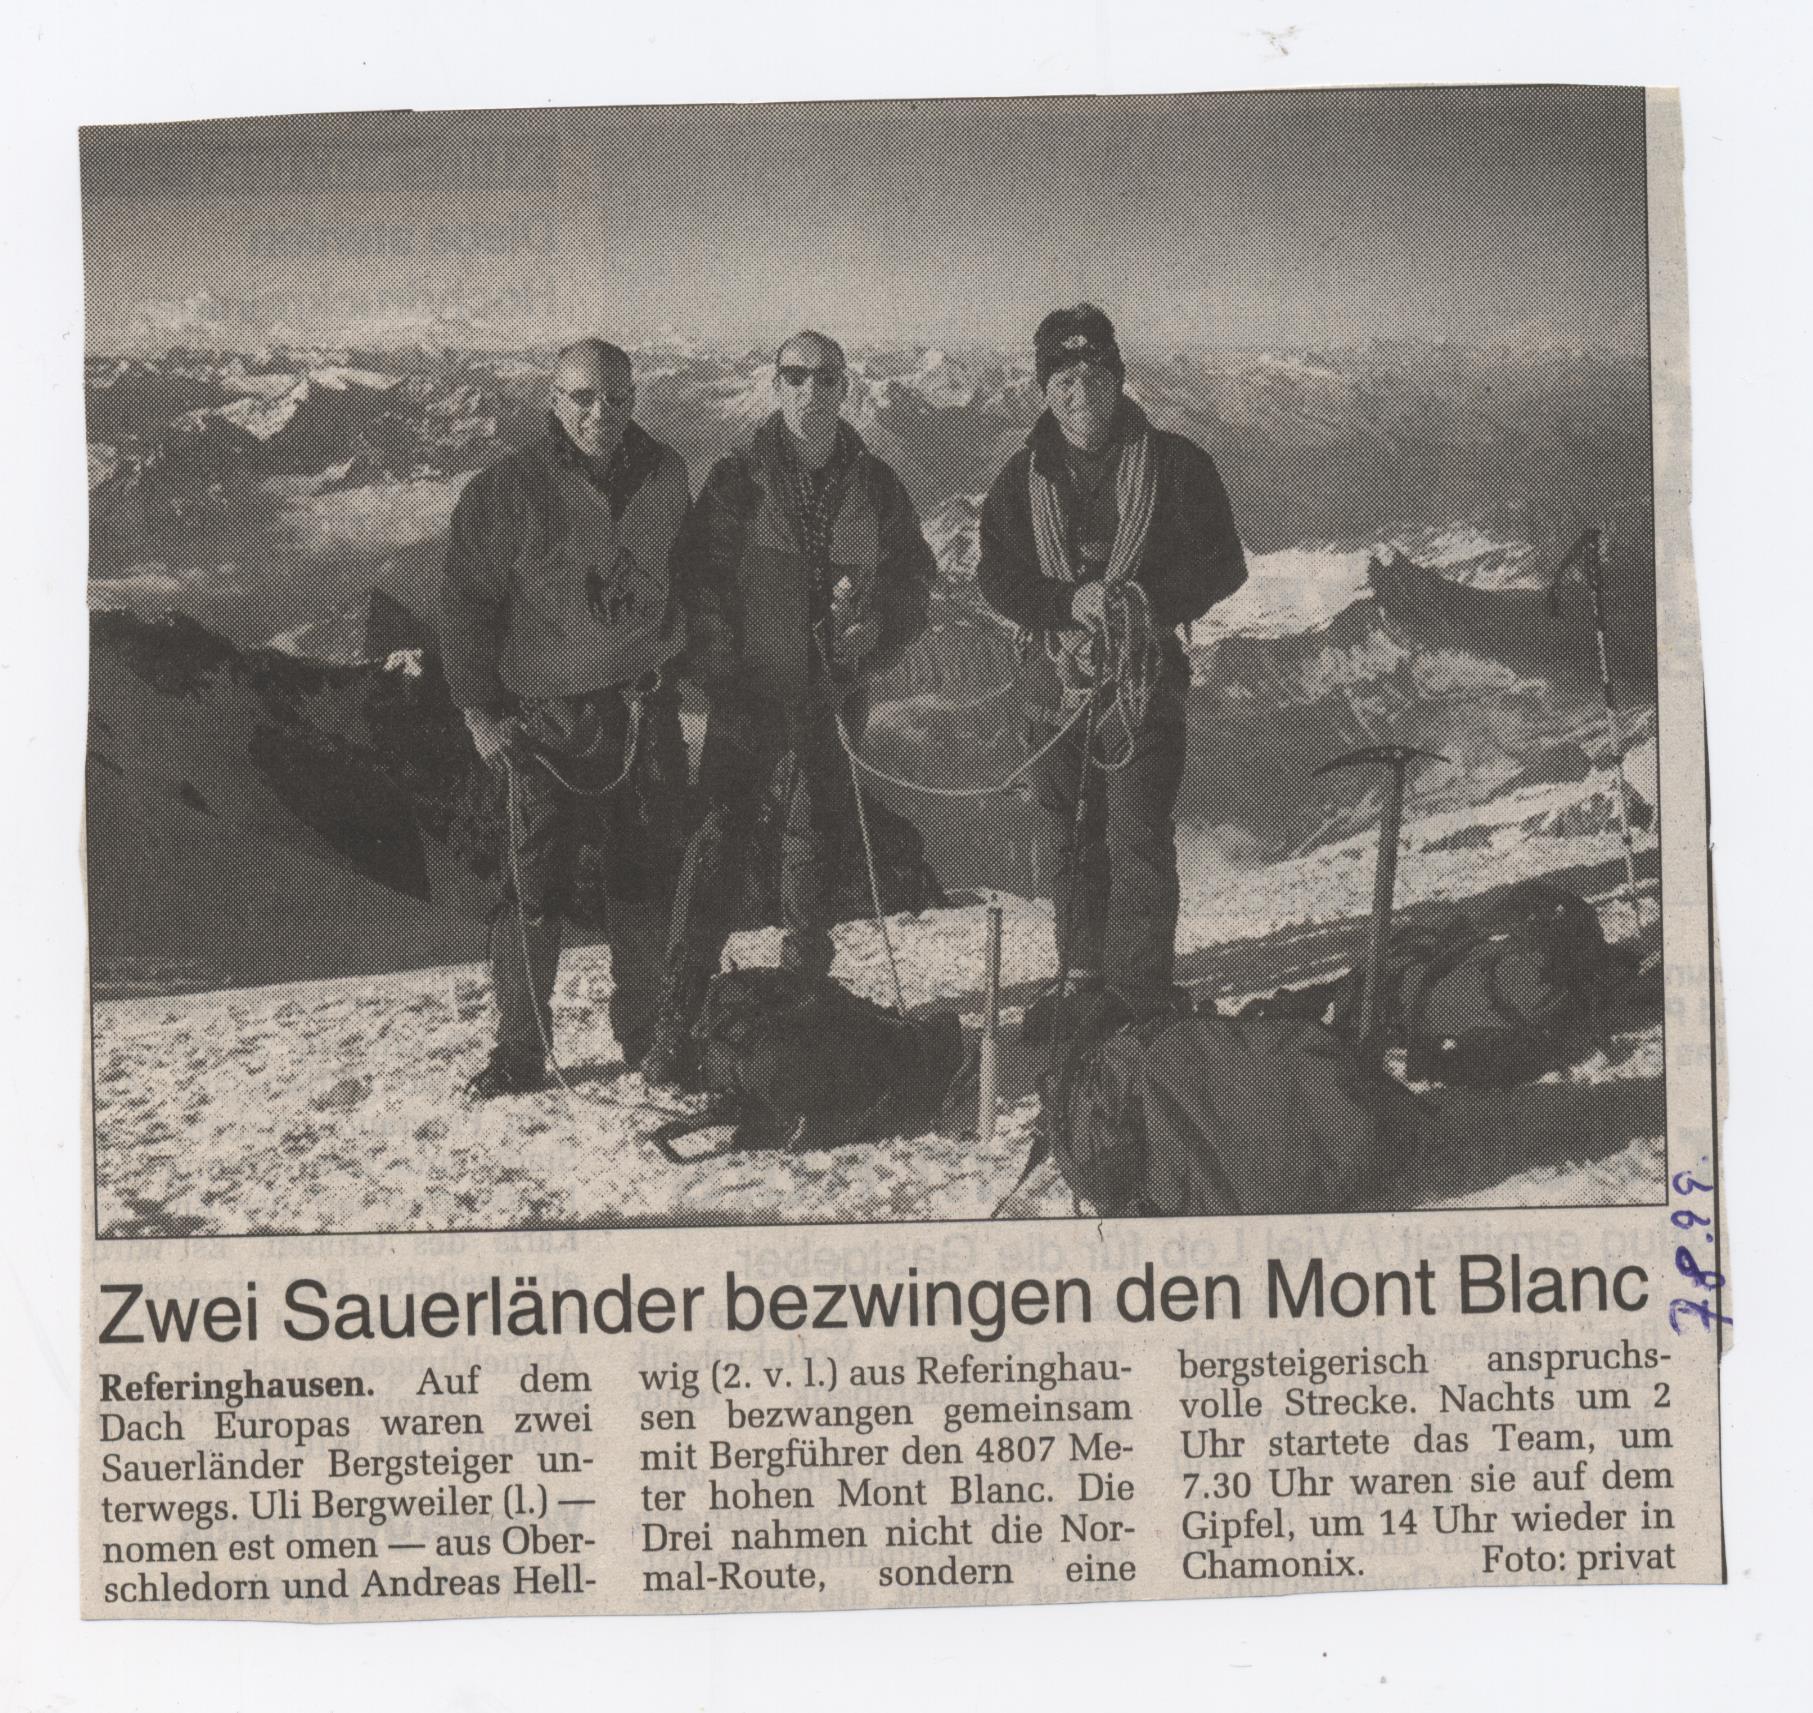 2 Sauerländer bezwingen den Mont Blanc